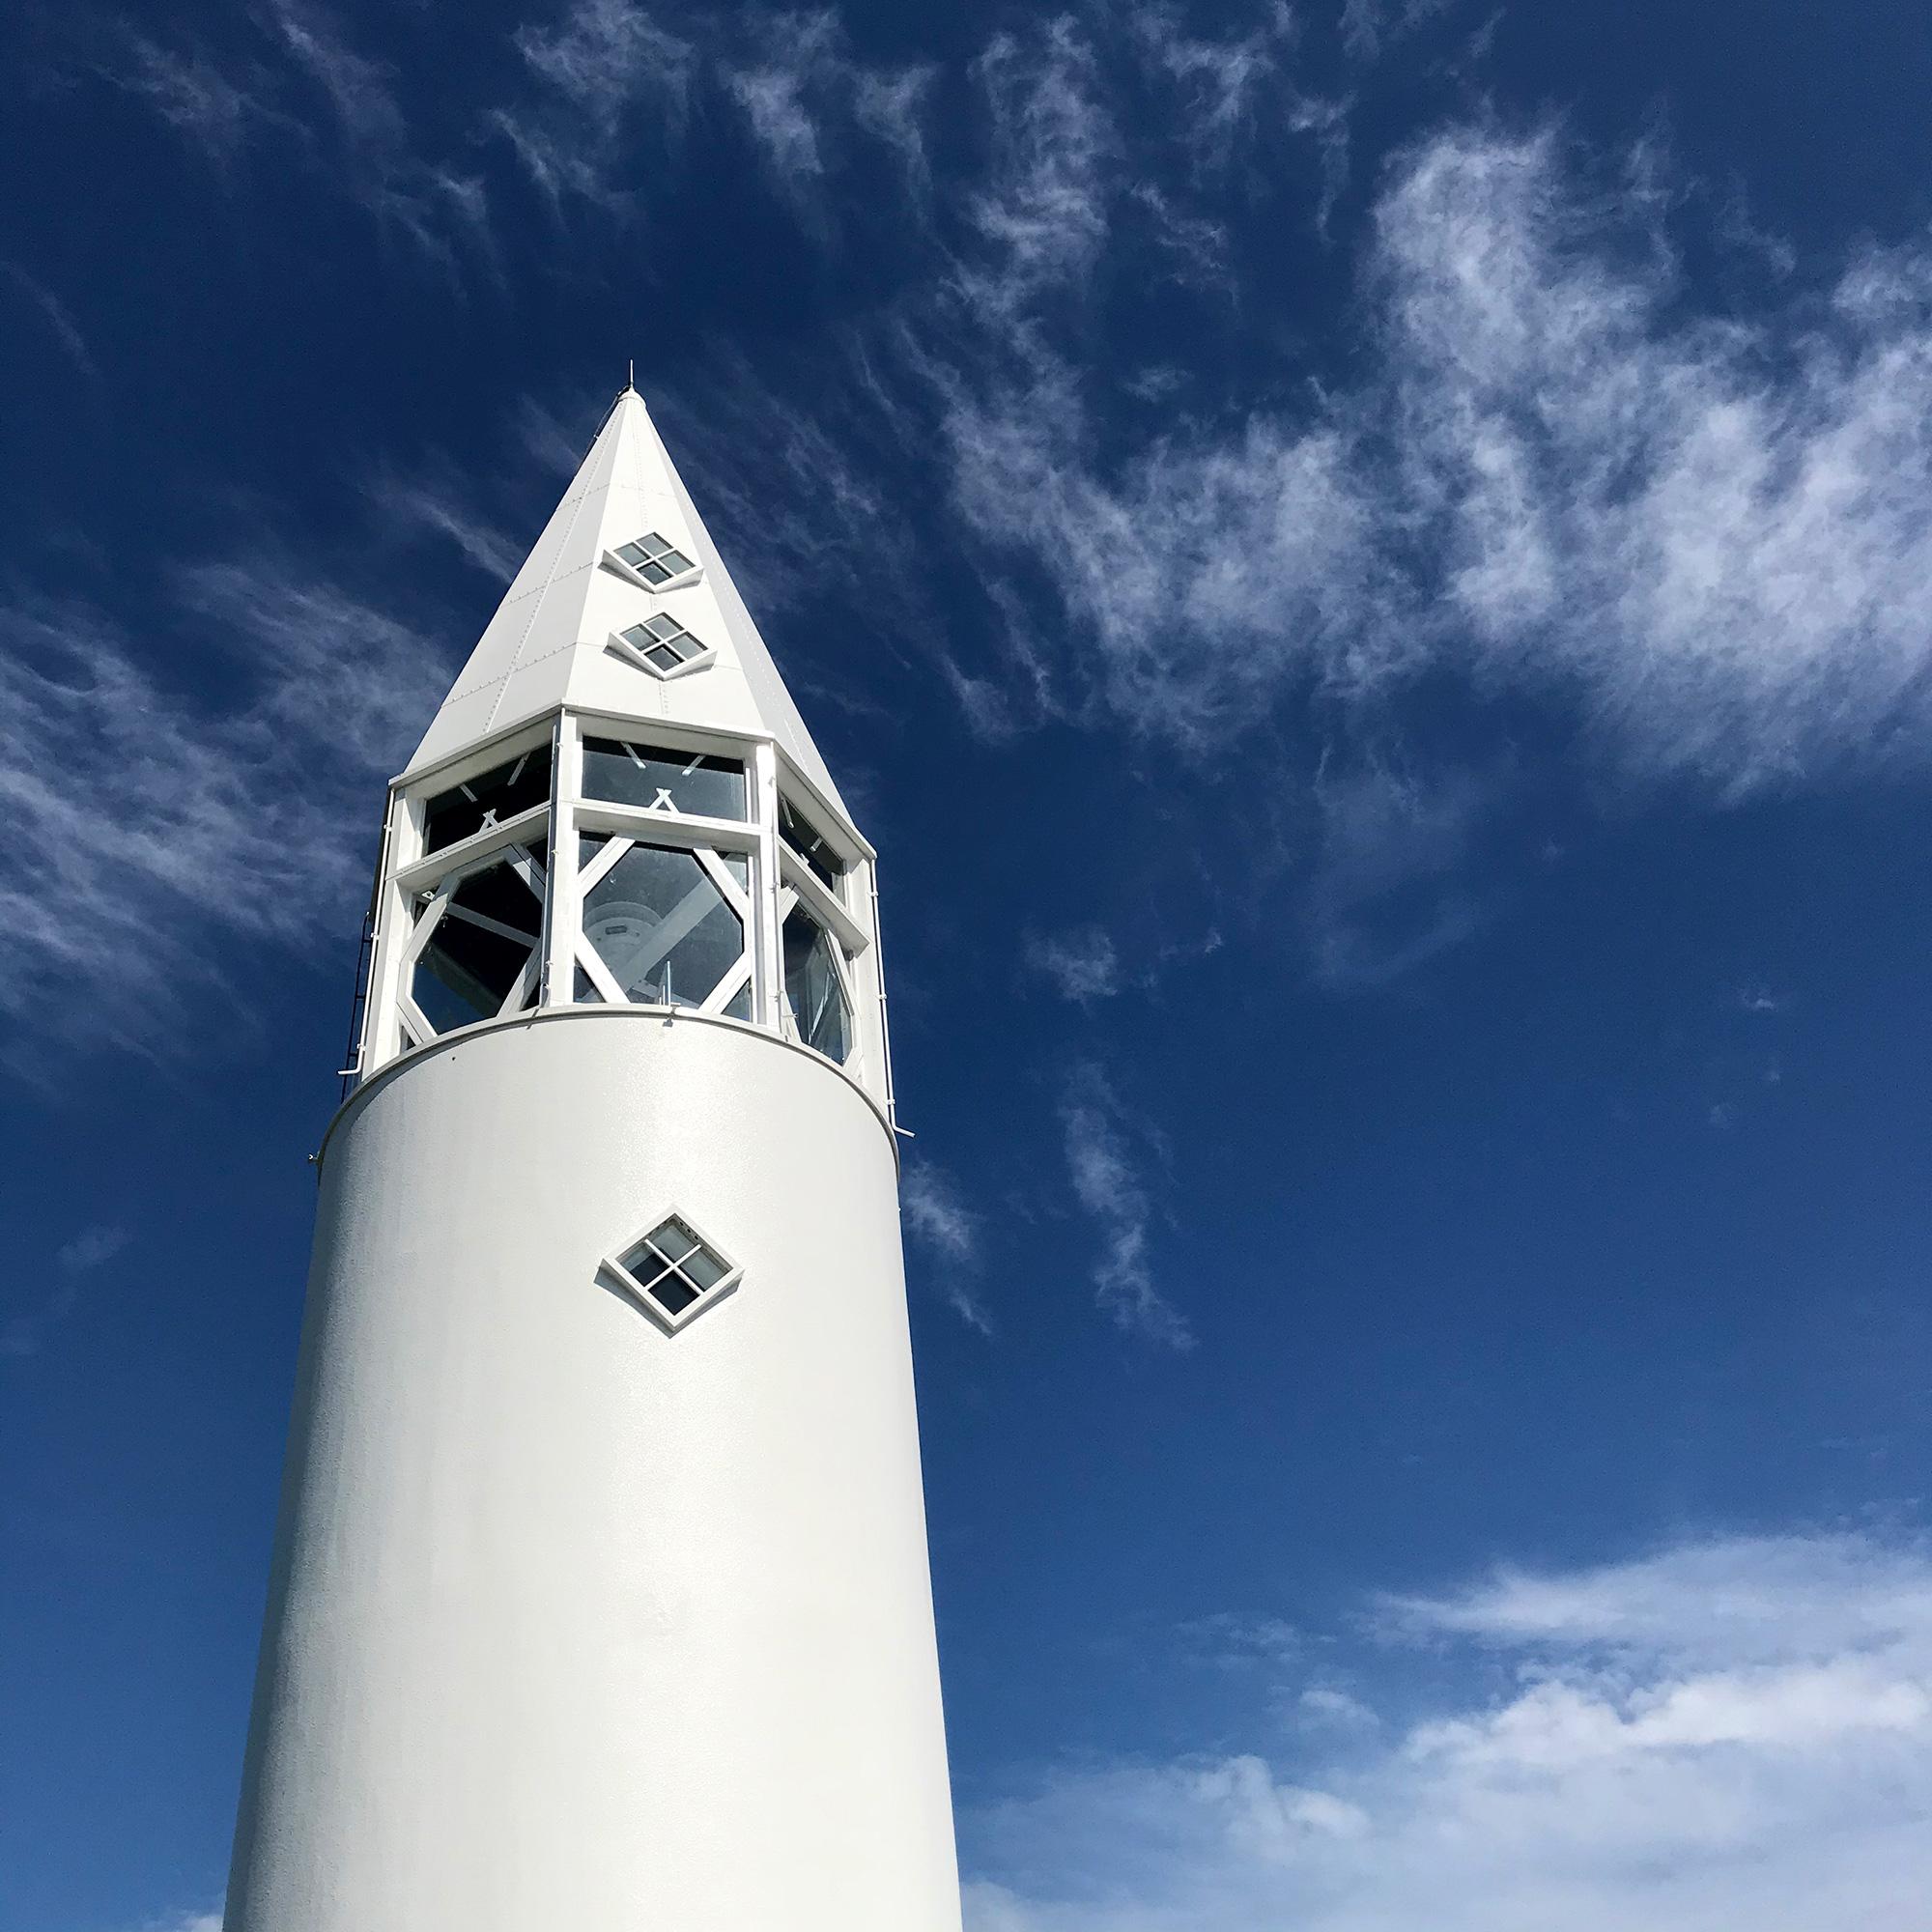 青空と白い灯台